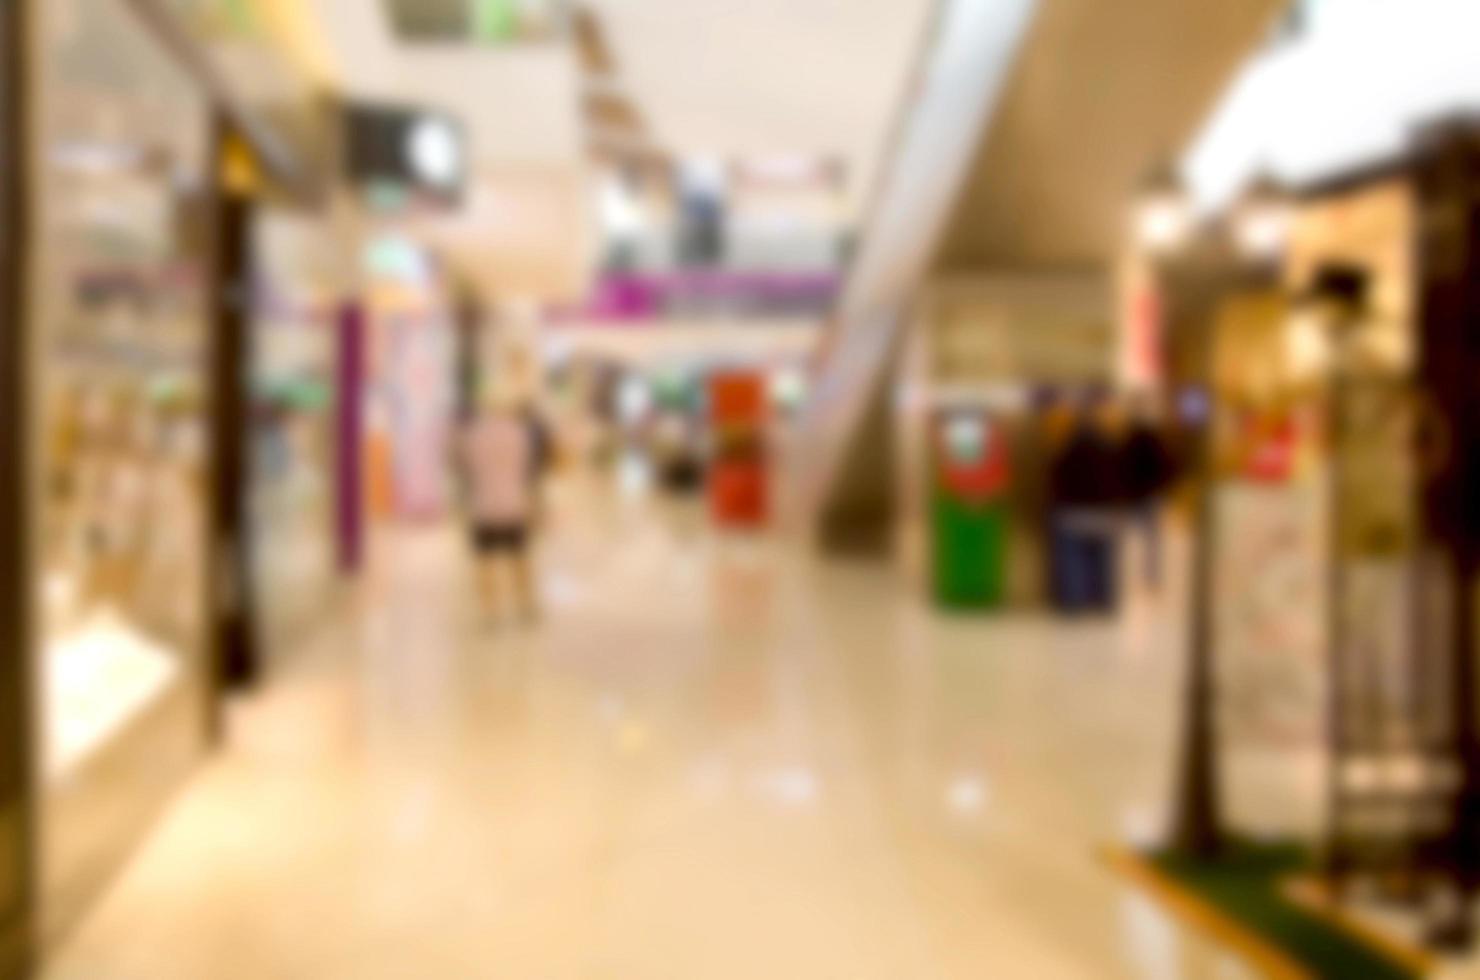 verschwommener Hintergrund des Einkaufszentrums foto